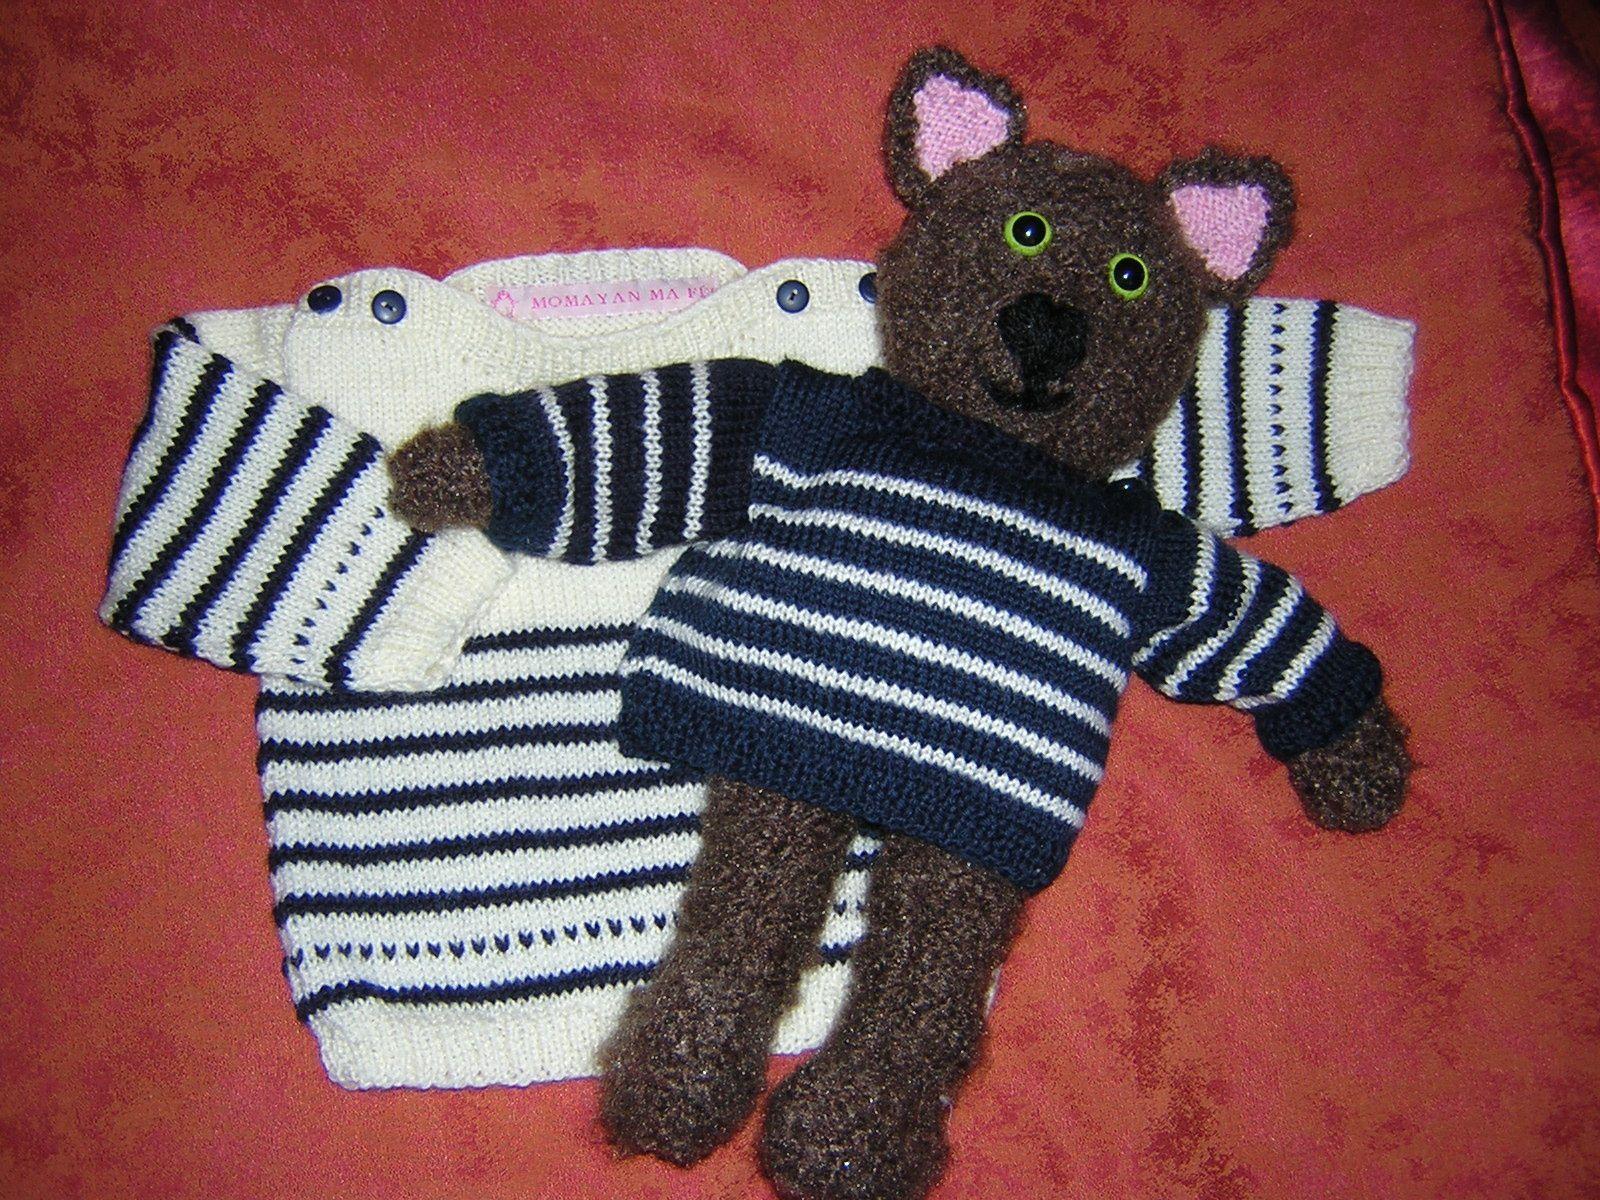 ours à pull marin, comme celui de son petit maître, dont les rayures sont en contraste